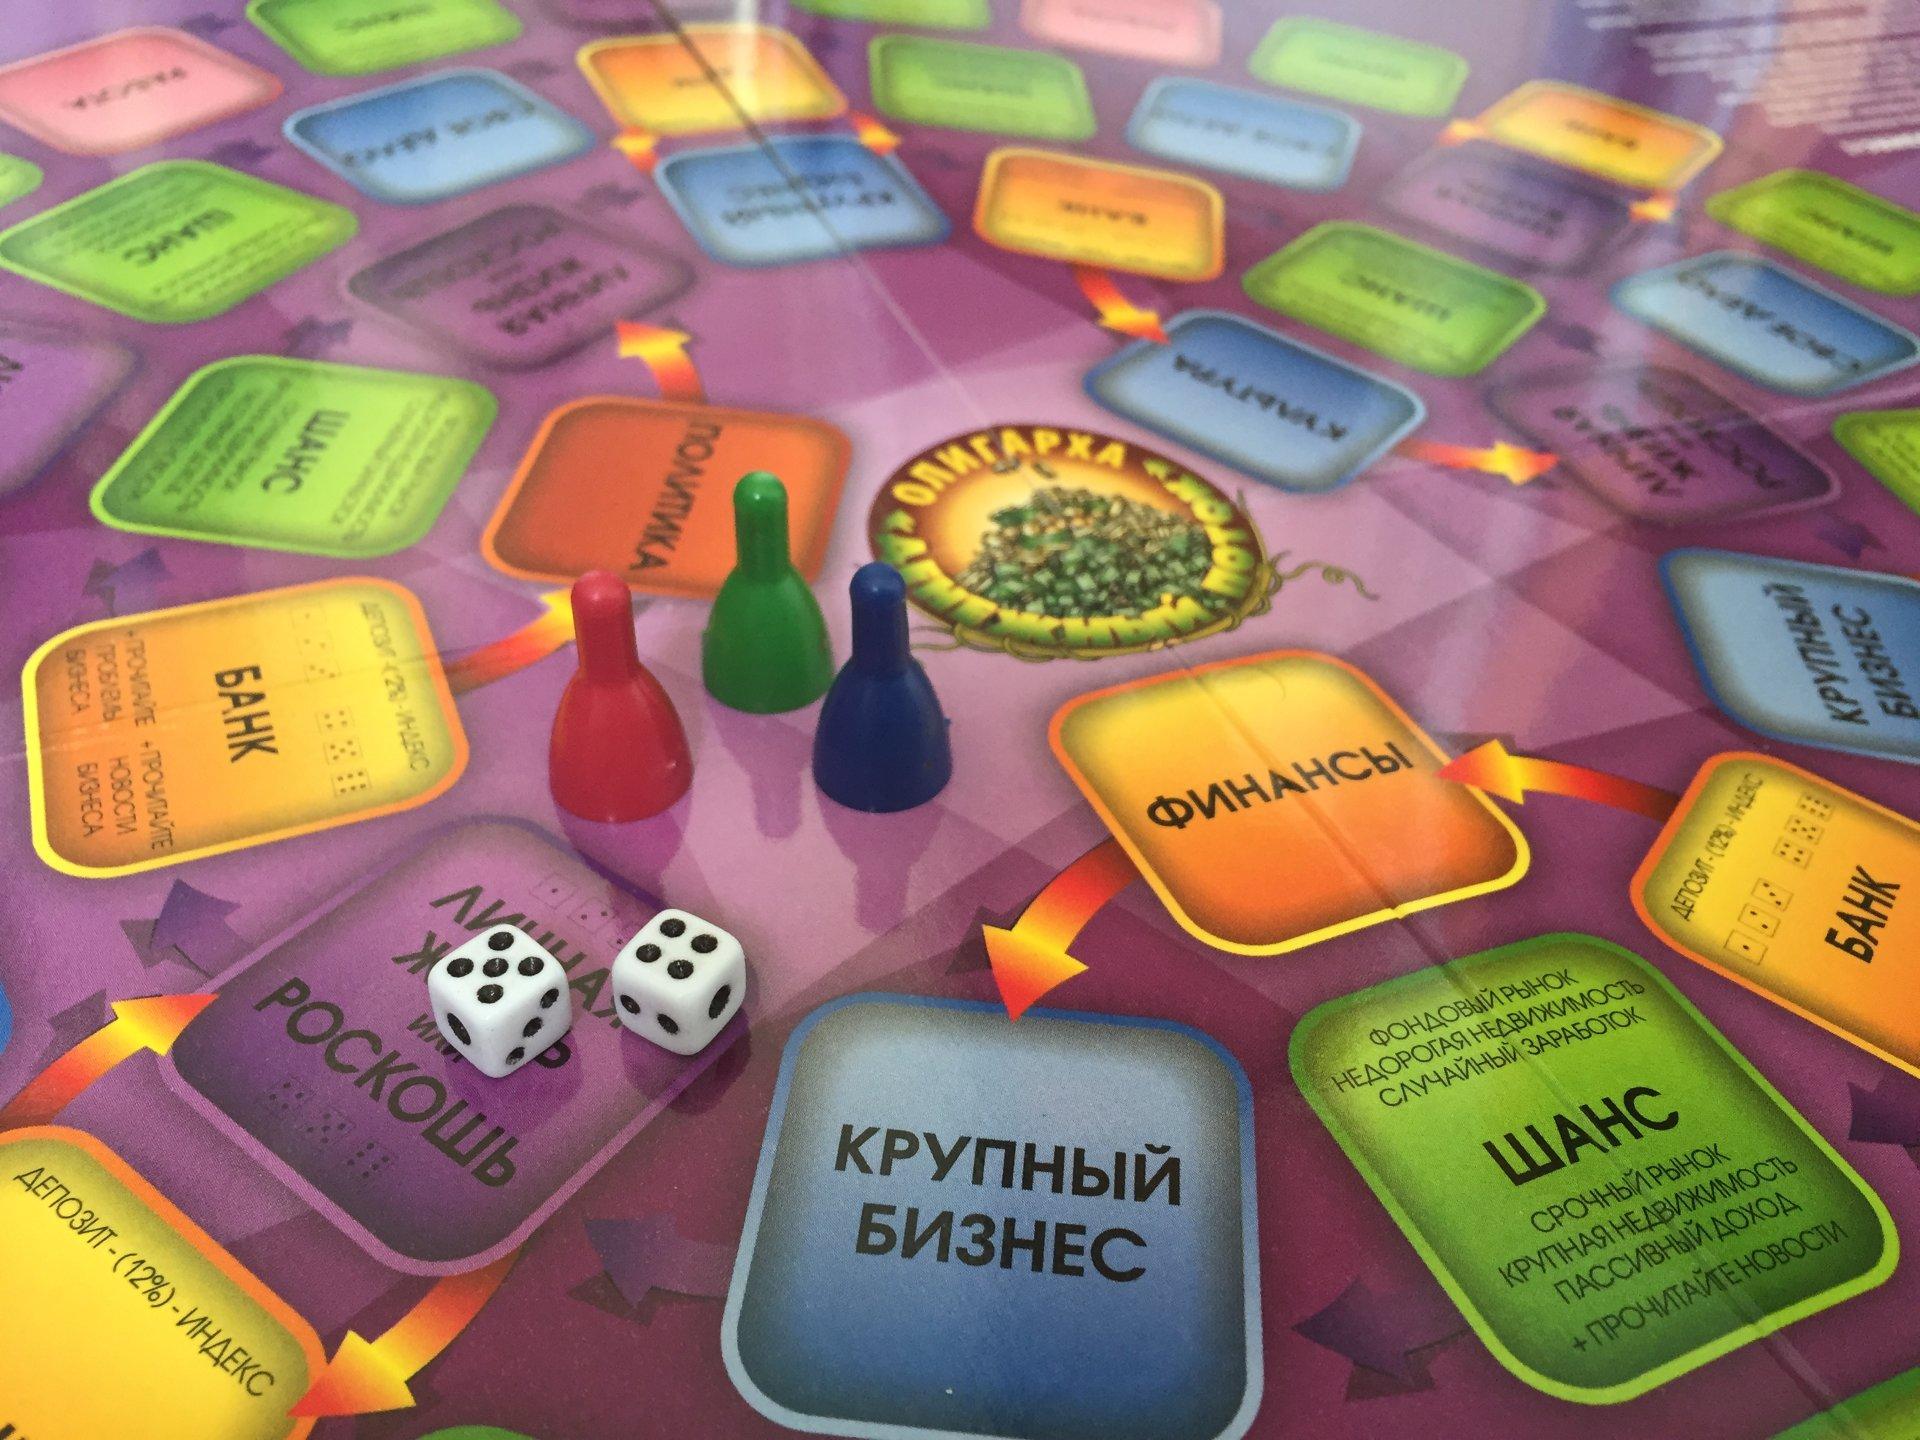 Деловая игра «Денежный поток Олигарха» в Москве